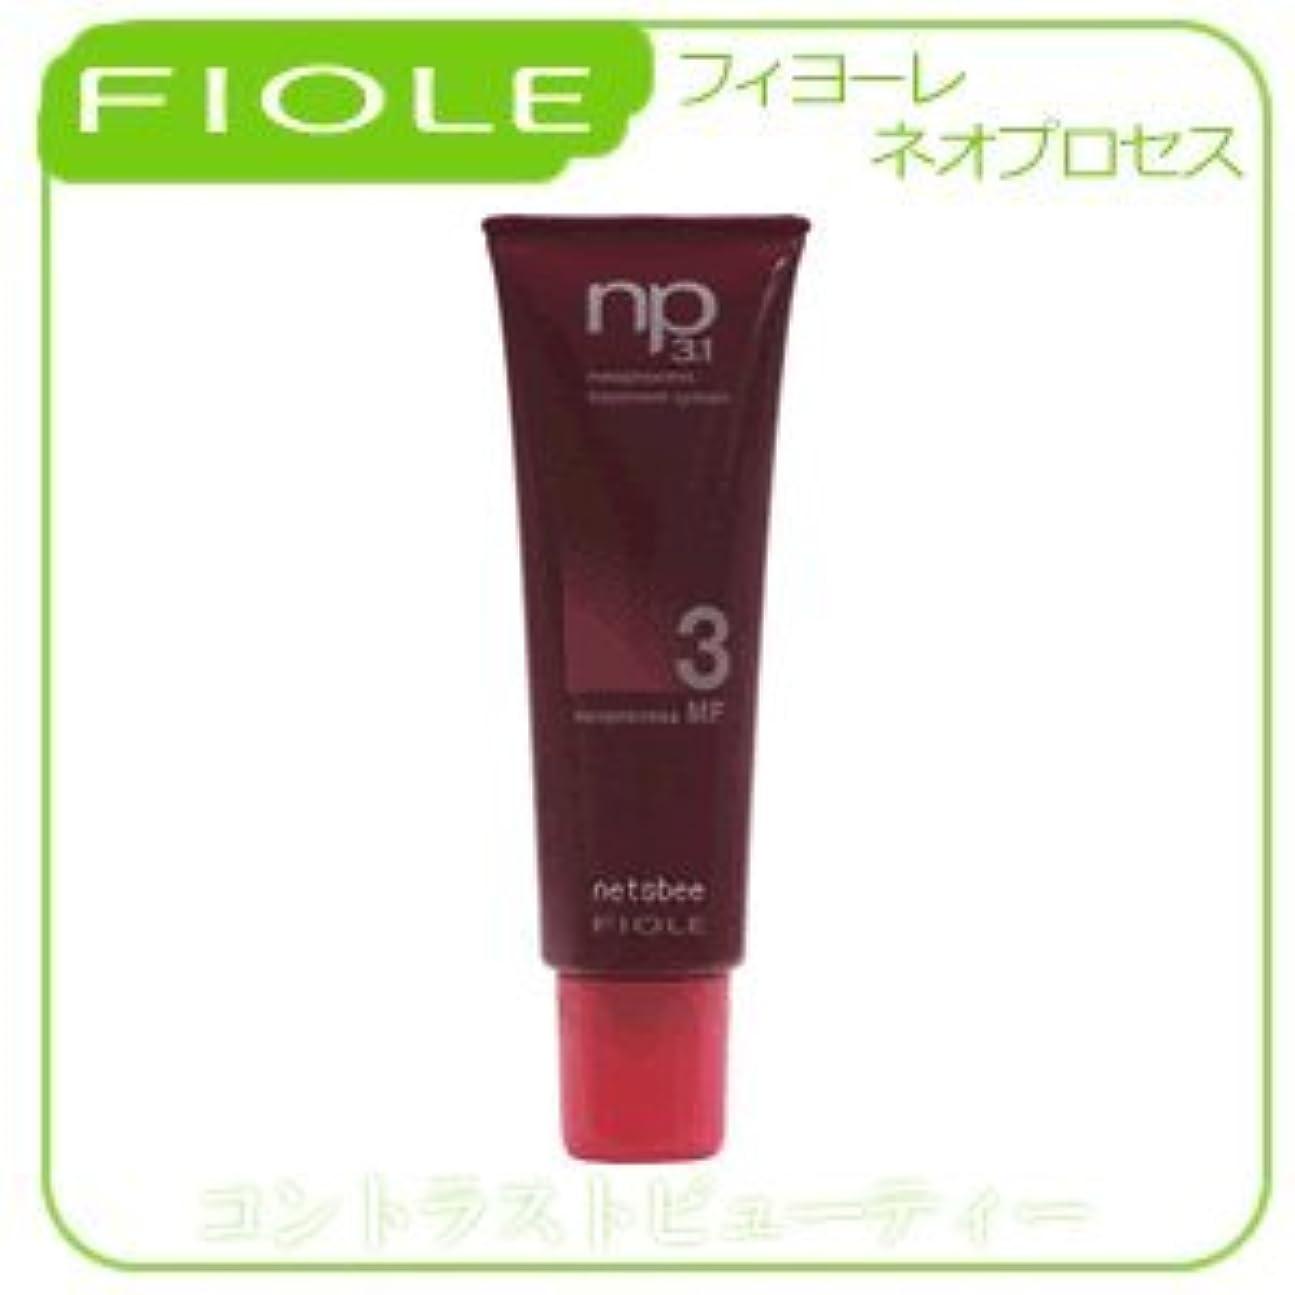 高い放棄拡張【X2個セット】 フィヨーレ NP3.1 ネオプロセス MF3 130g FIOLE ネオプロセス